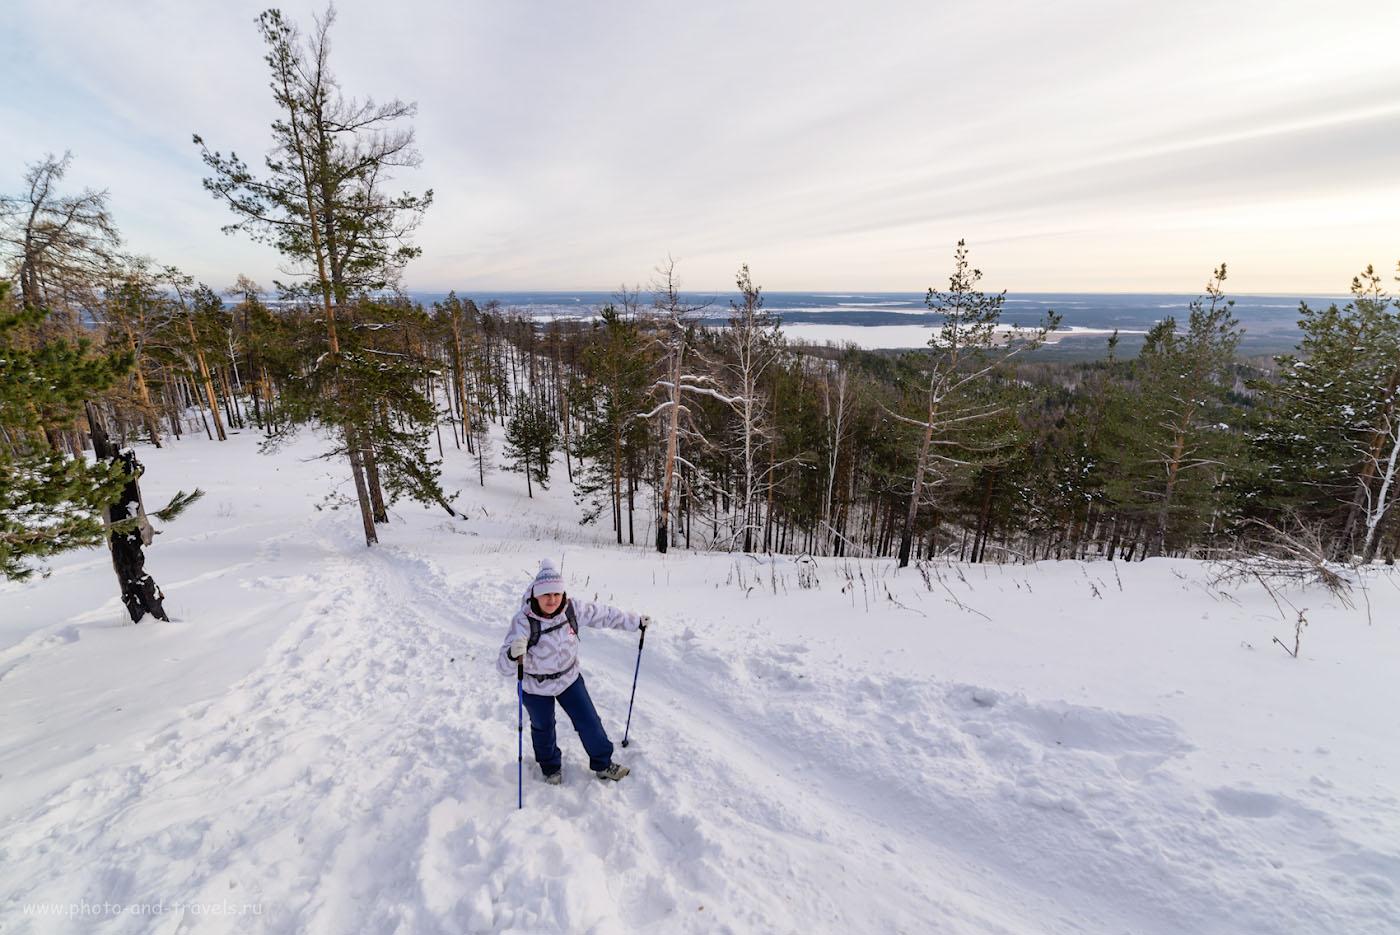 Фотография 9. Стоит ли подниматься на Сугомак зимой? Конечно да! 1/125, -0.67, 8.0, 100, 14.